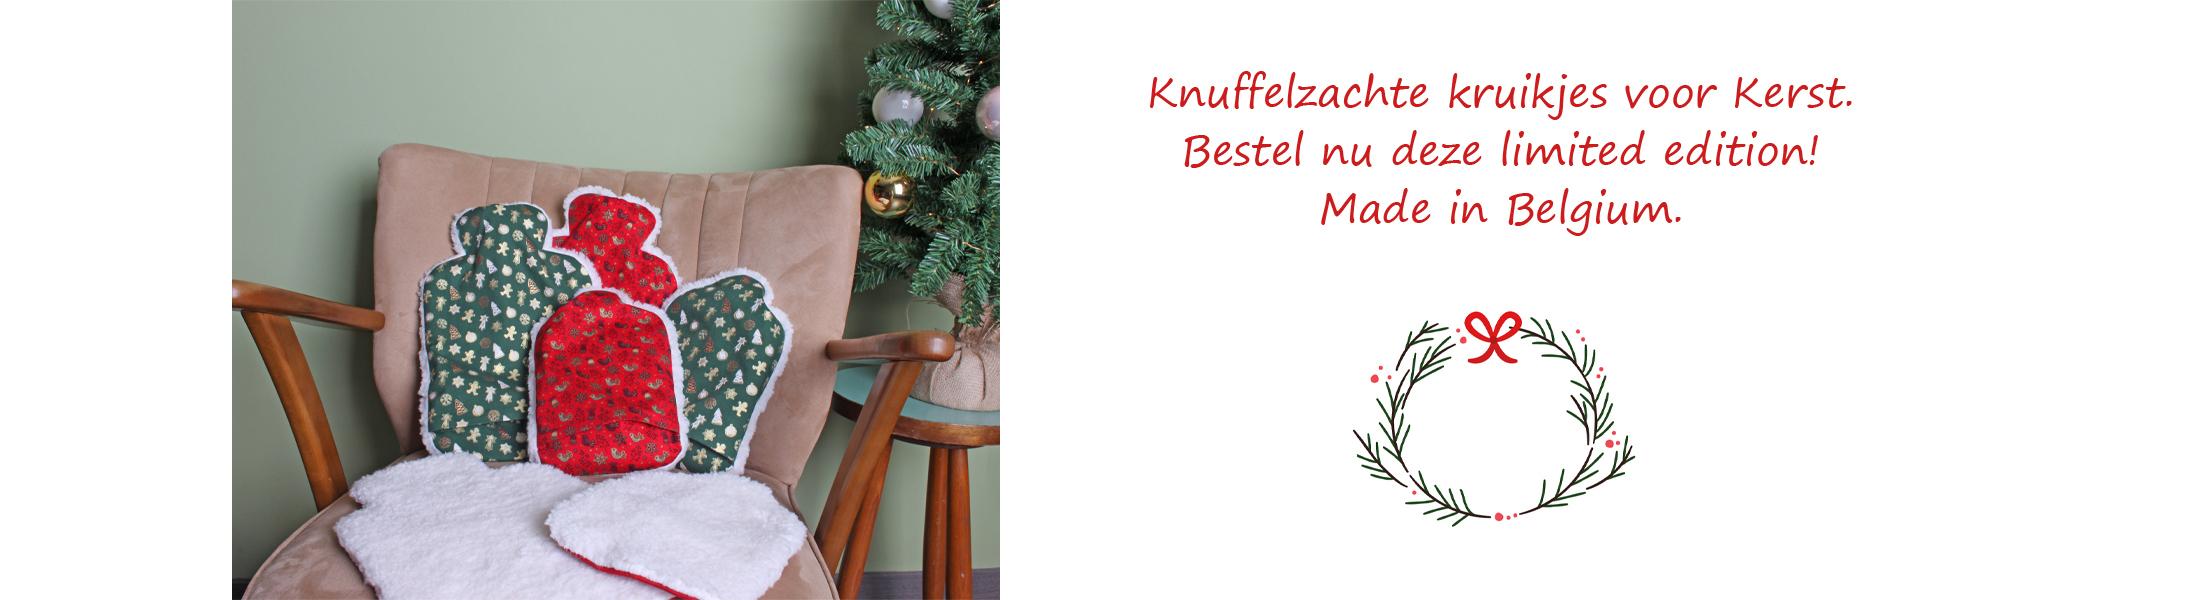 Kerstkruikjes limited edition